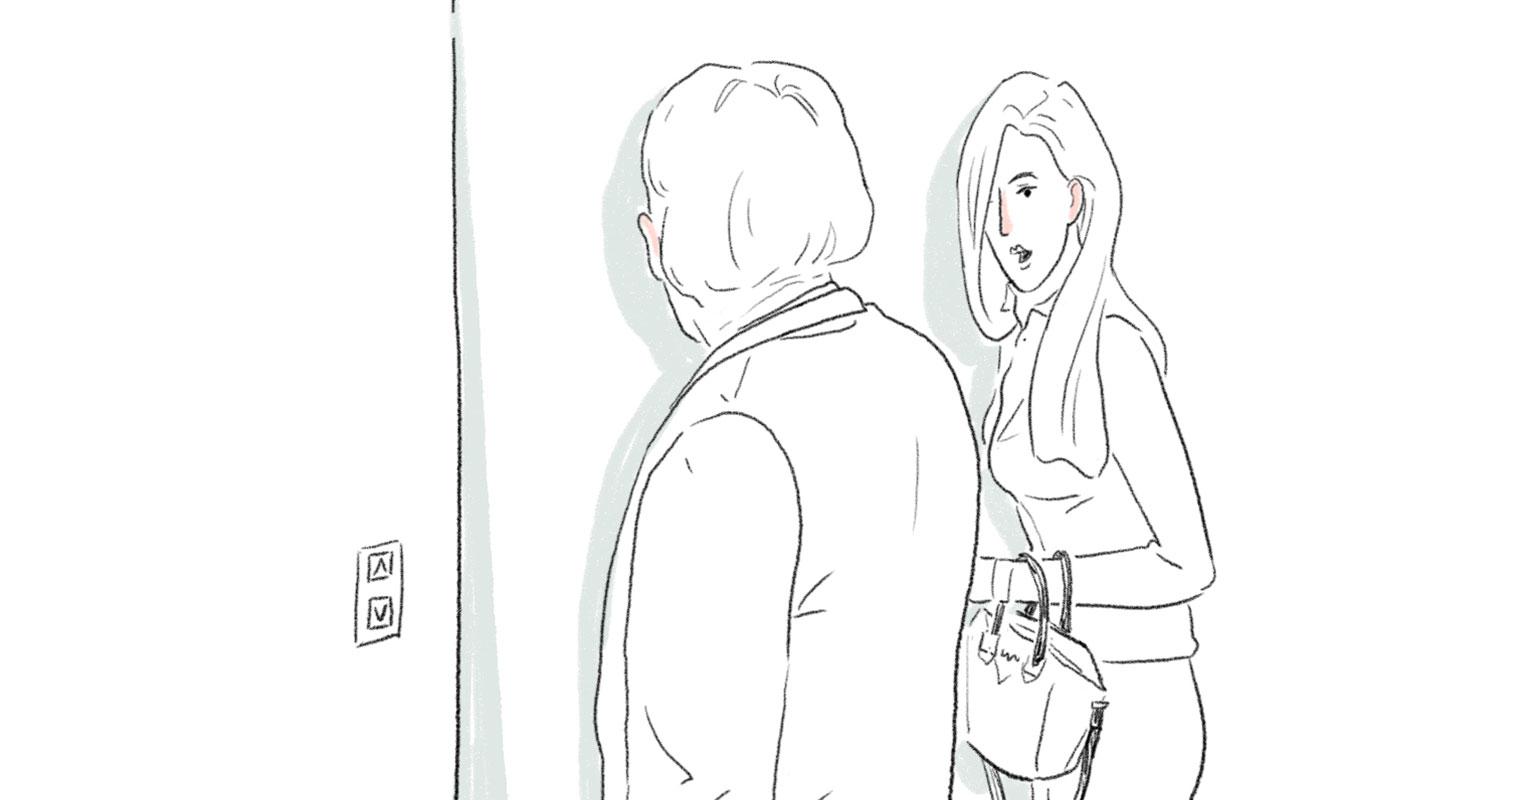 Not Her Cup of Tea – Part 4